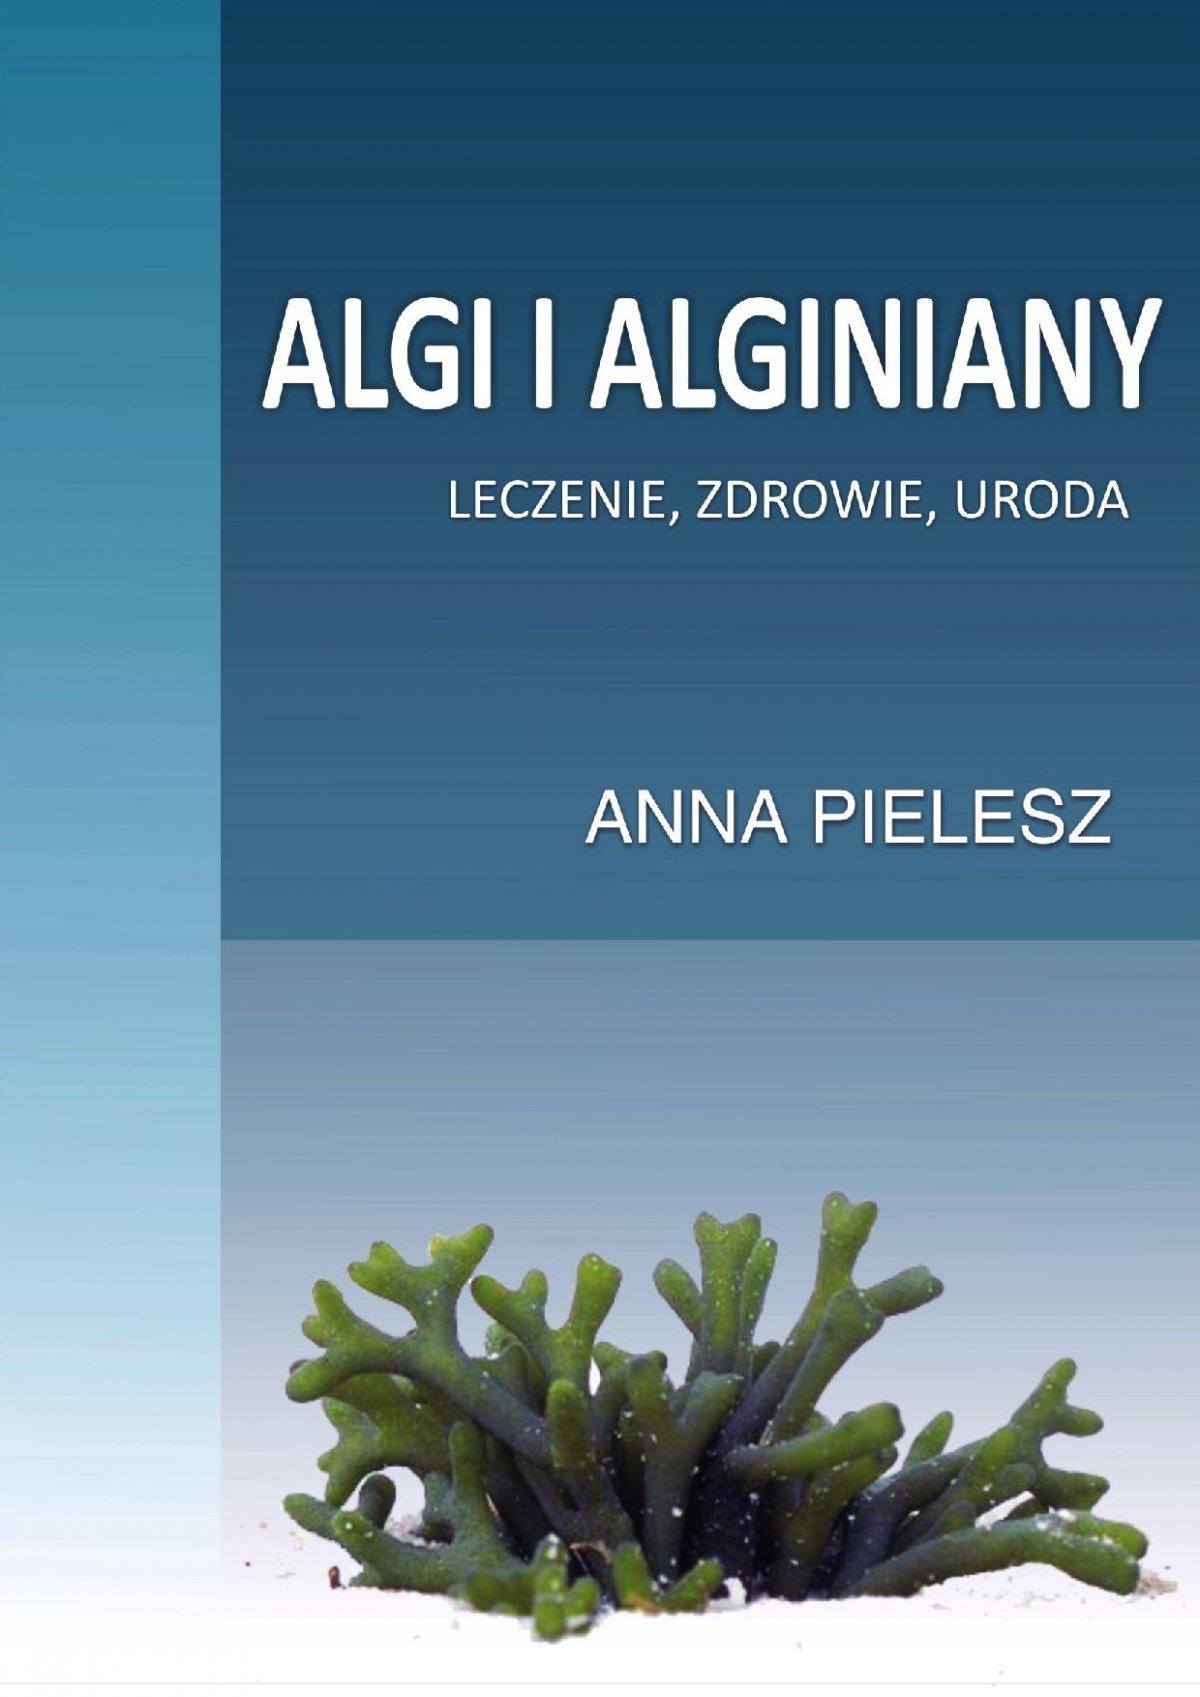 Algi i alginiany. Leczenie, zdrowie, uroda - Ebook (Książka PDF) do pobrania w formacie PDF